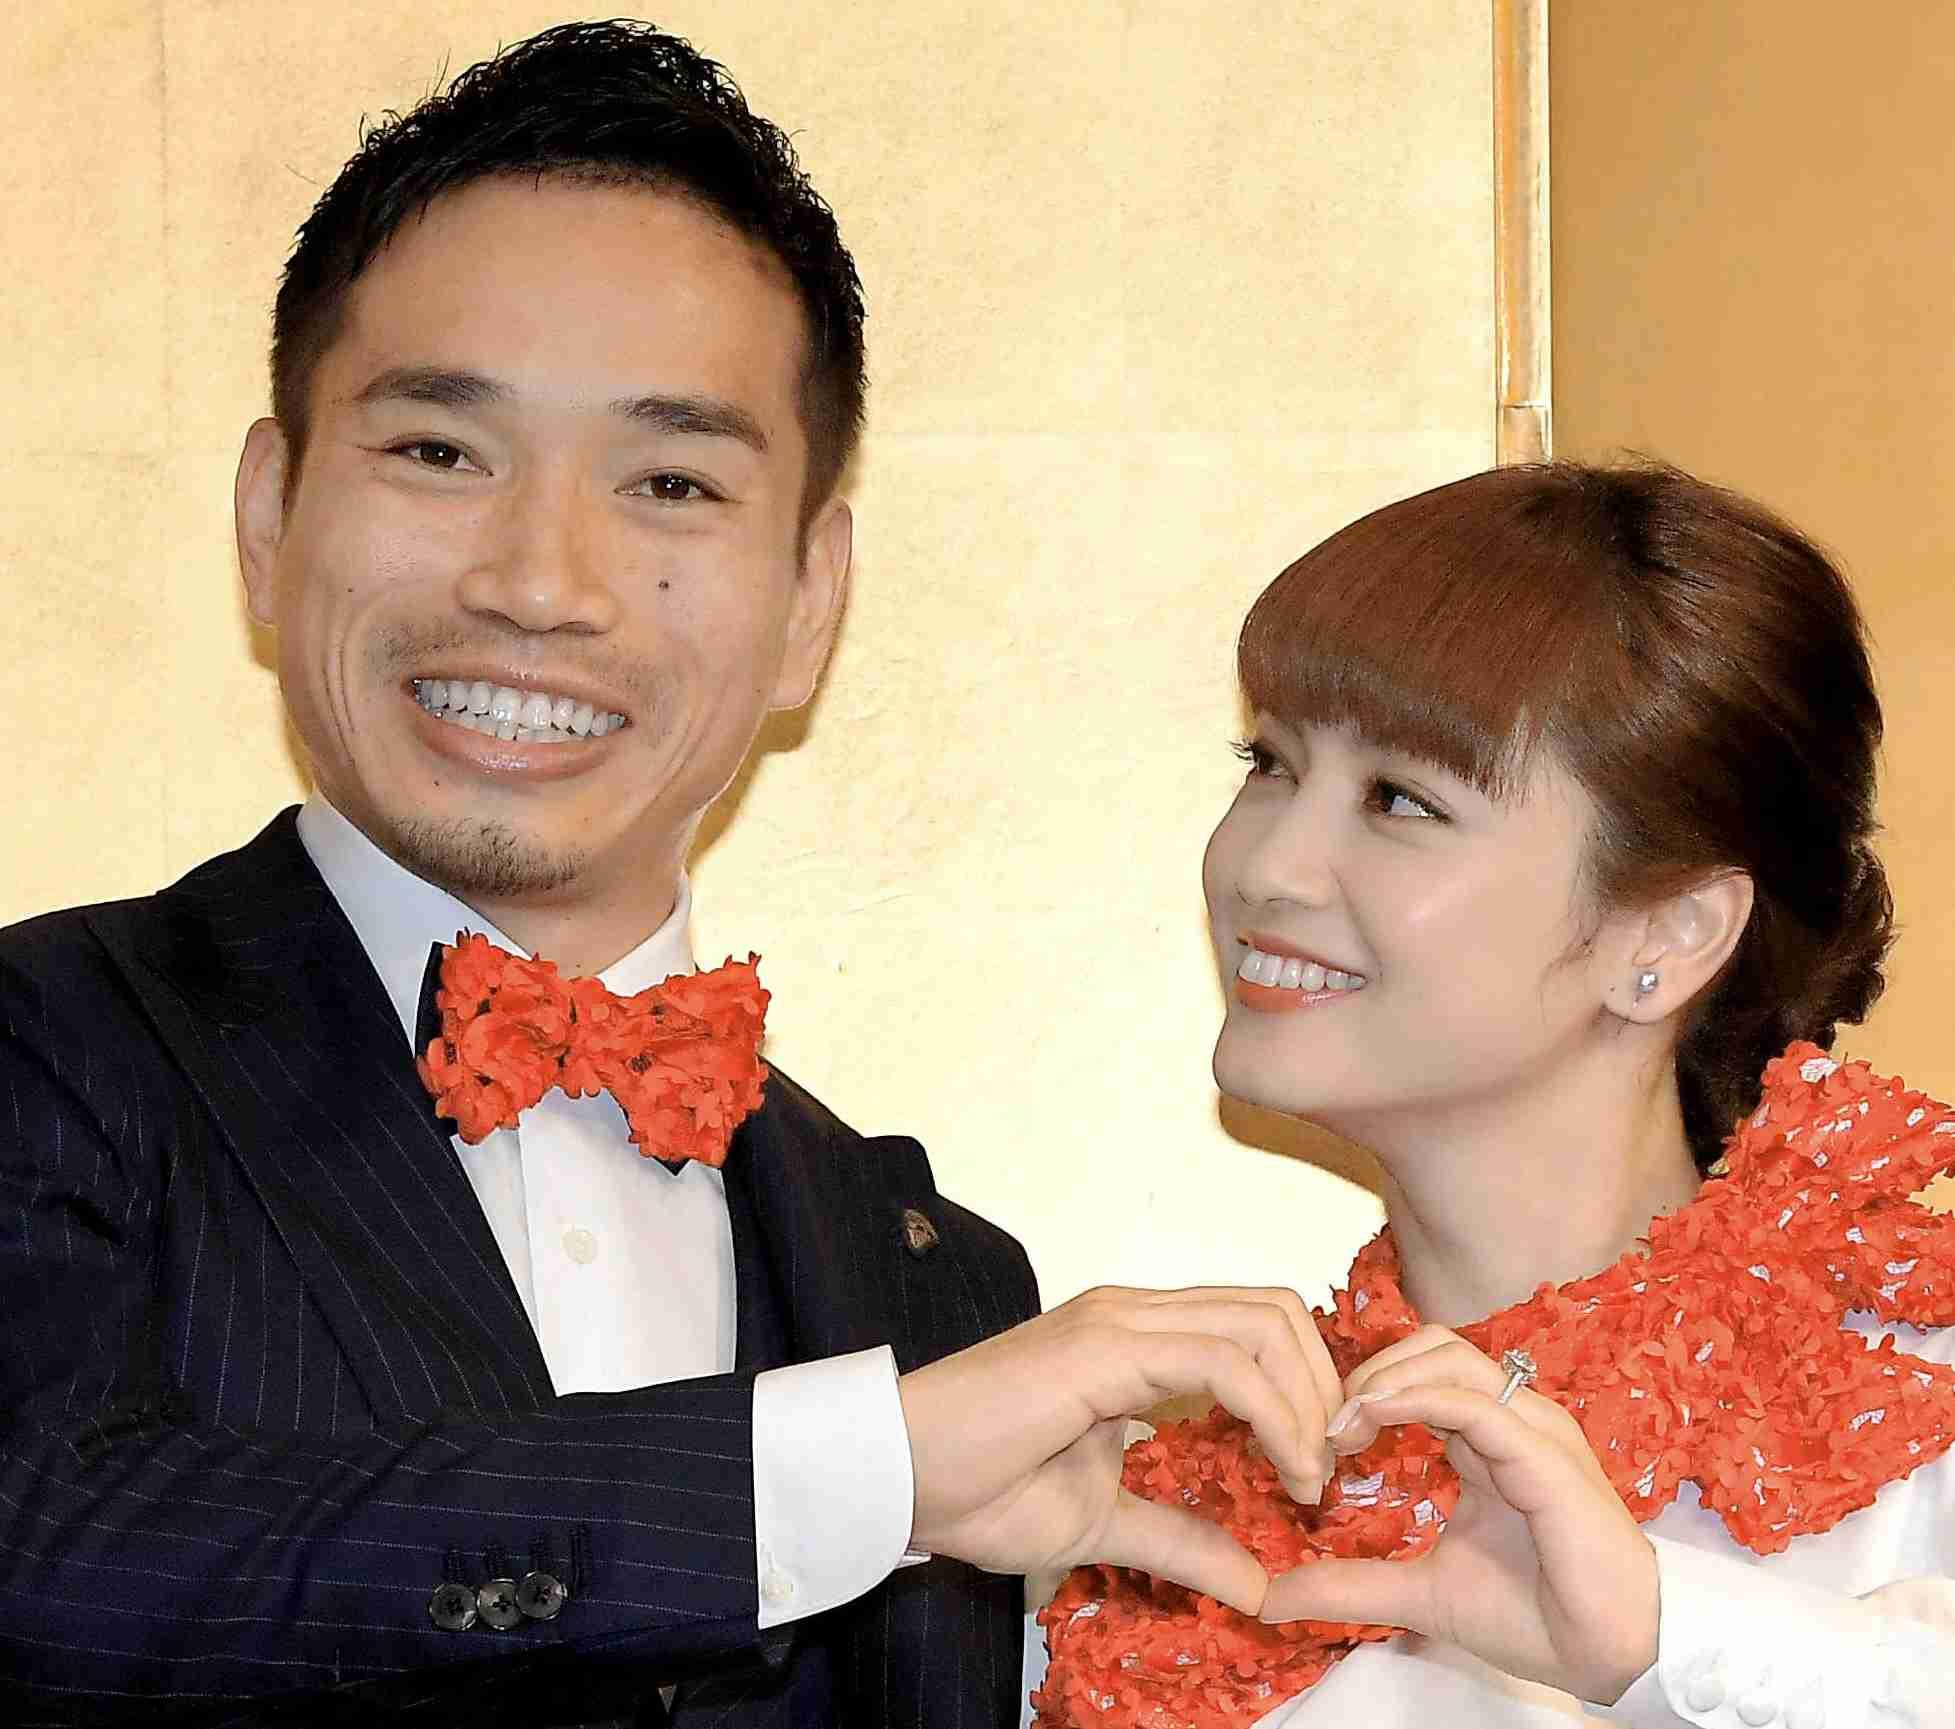 平愛梨&長友が入籍 ブログで報告「家族になりました!」 (デイリースポーツ) - Yahoo!ニュース